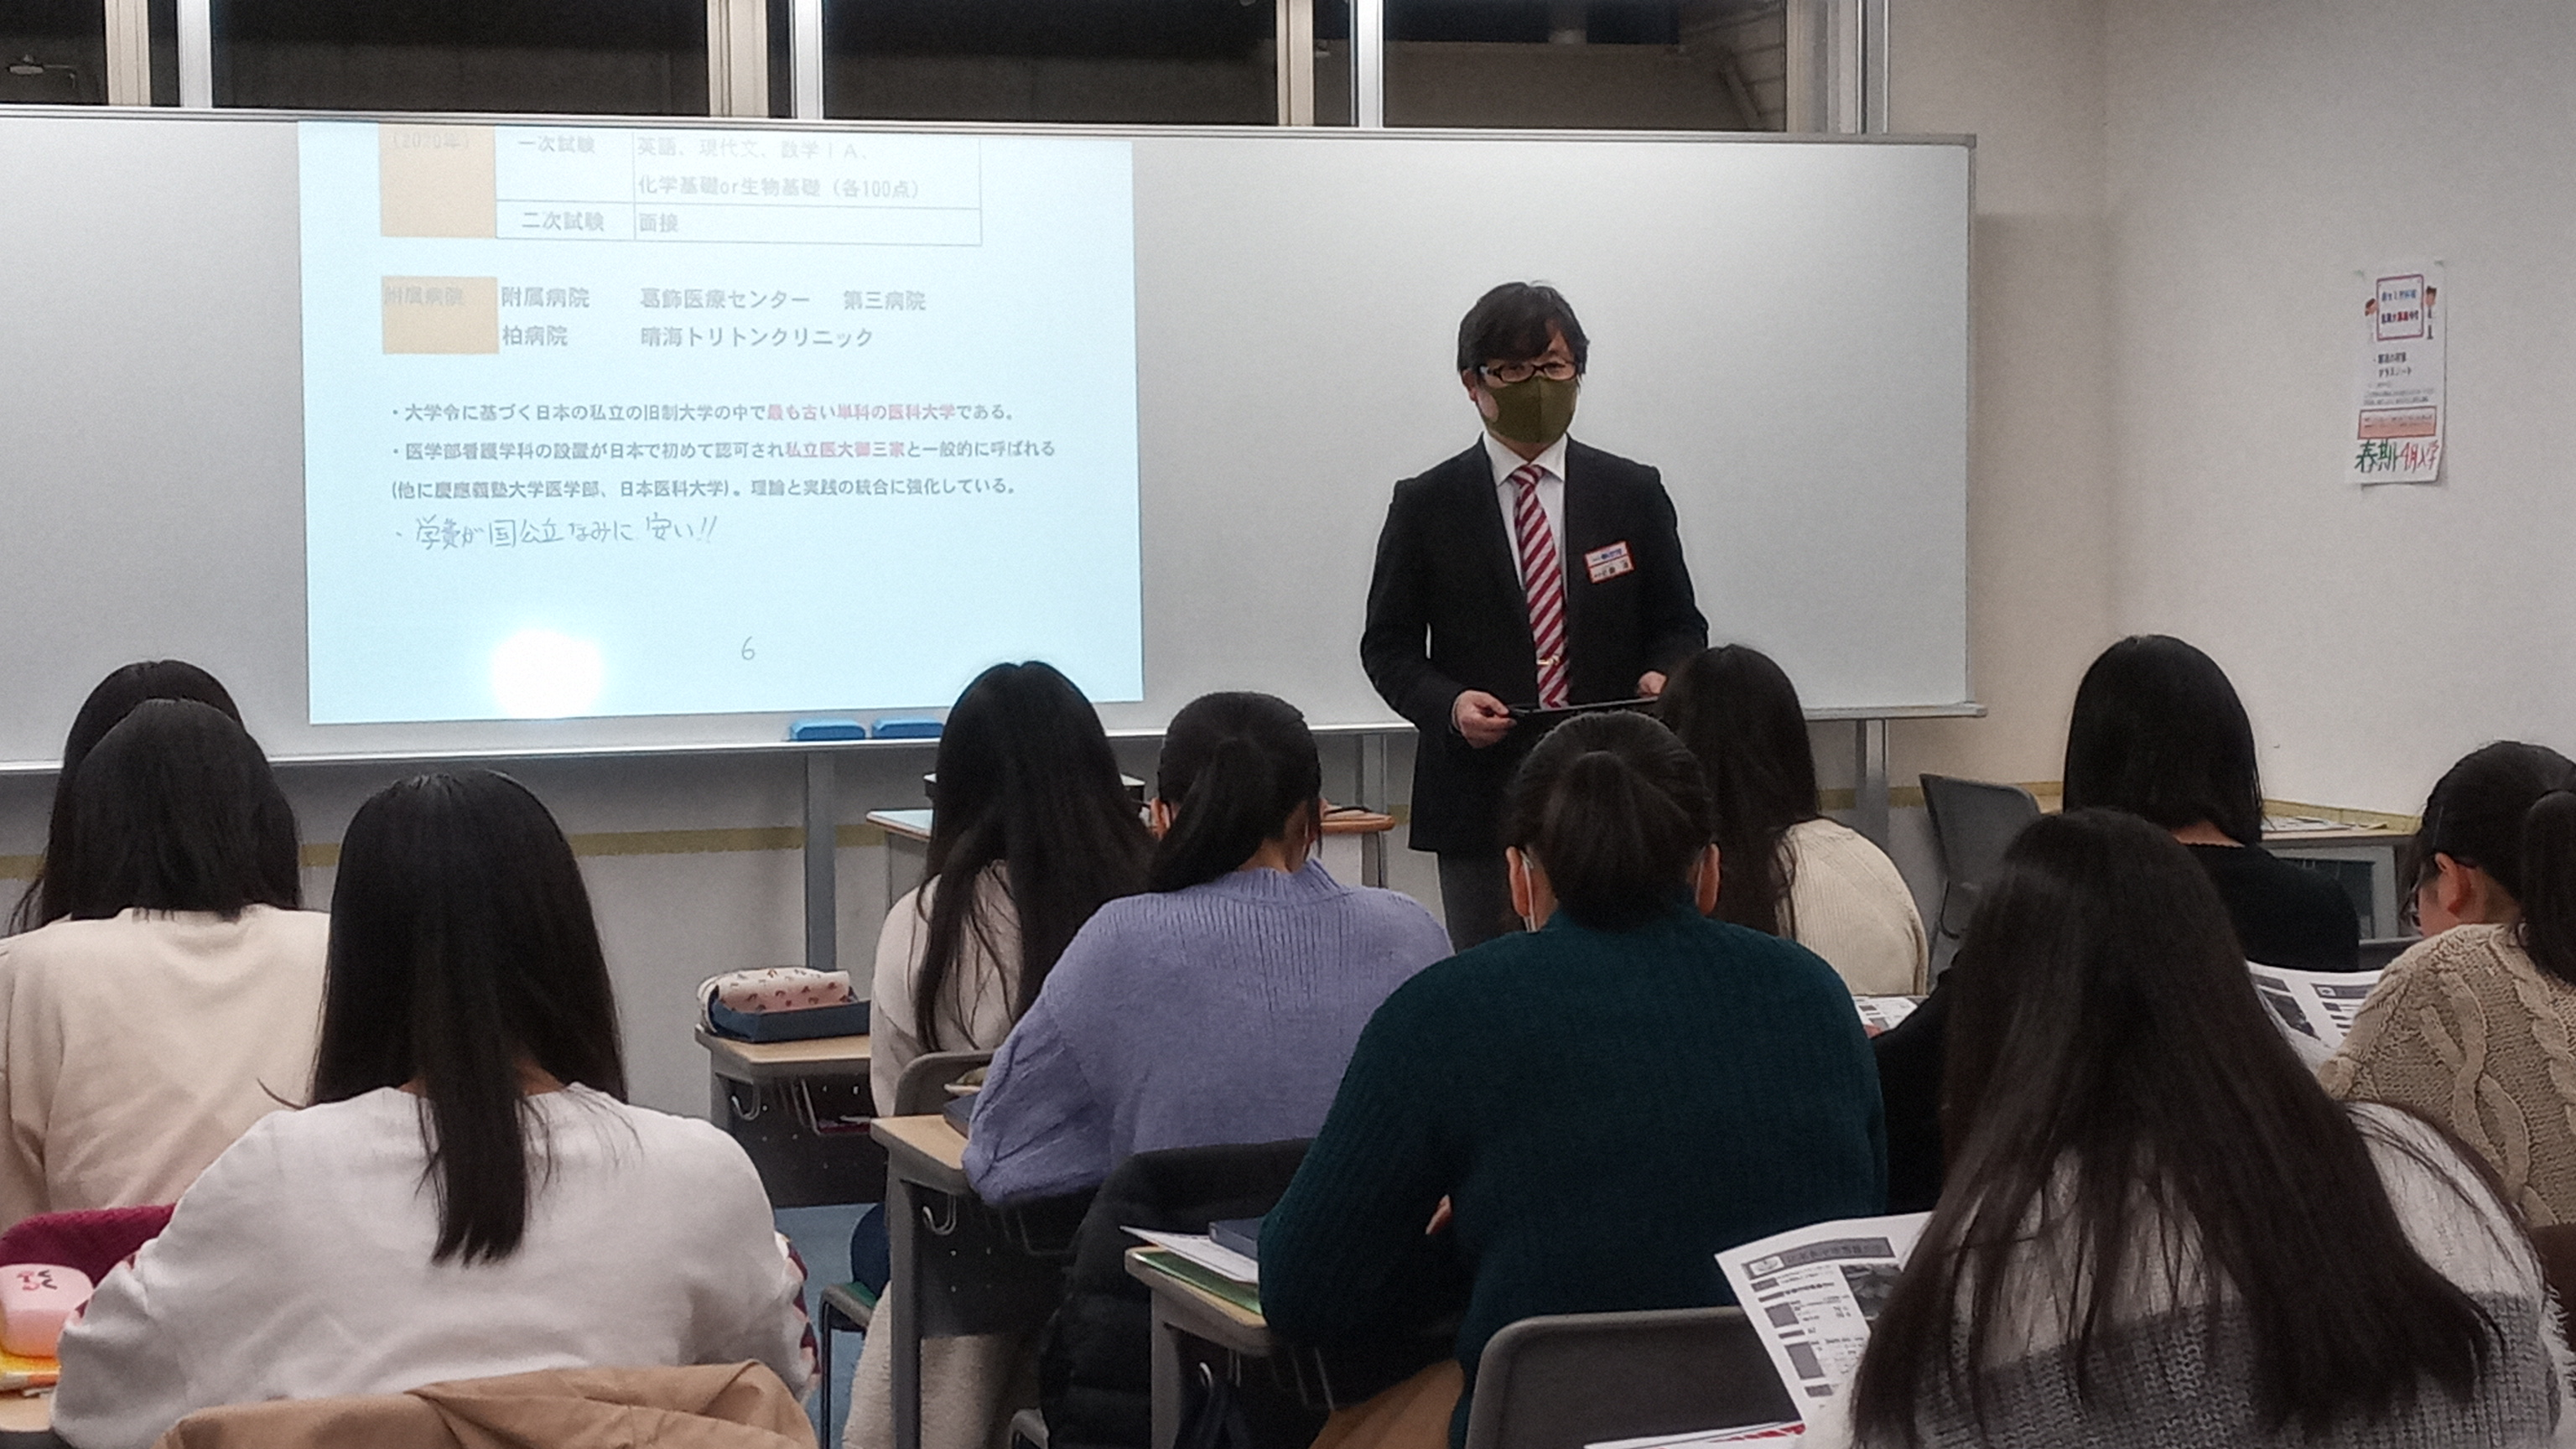 春期指導科学校紹介